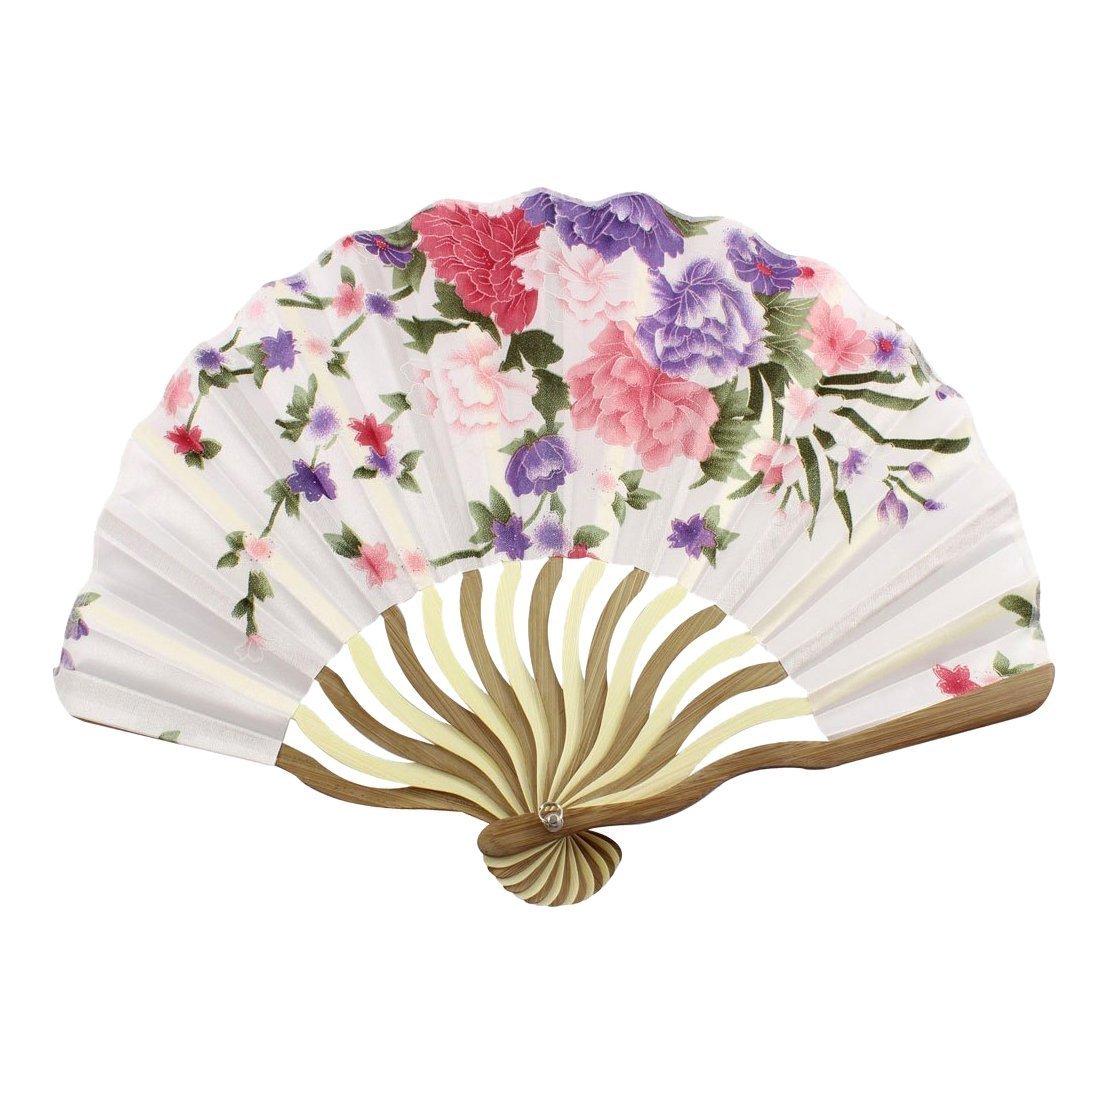 Amazon.com: Delicate Cherry Blossom Design Silk Folding Fan Favors ...